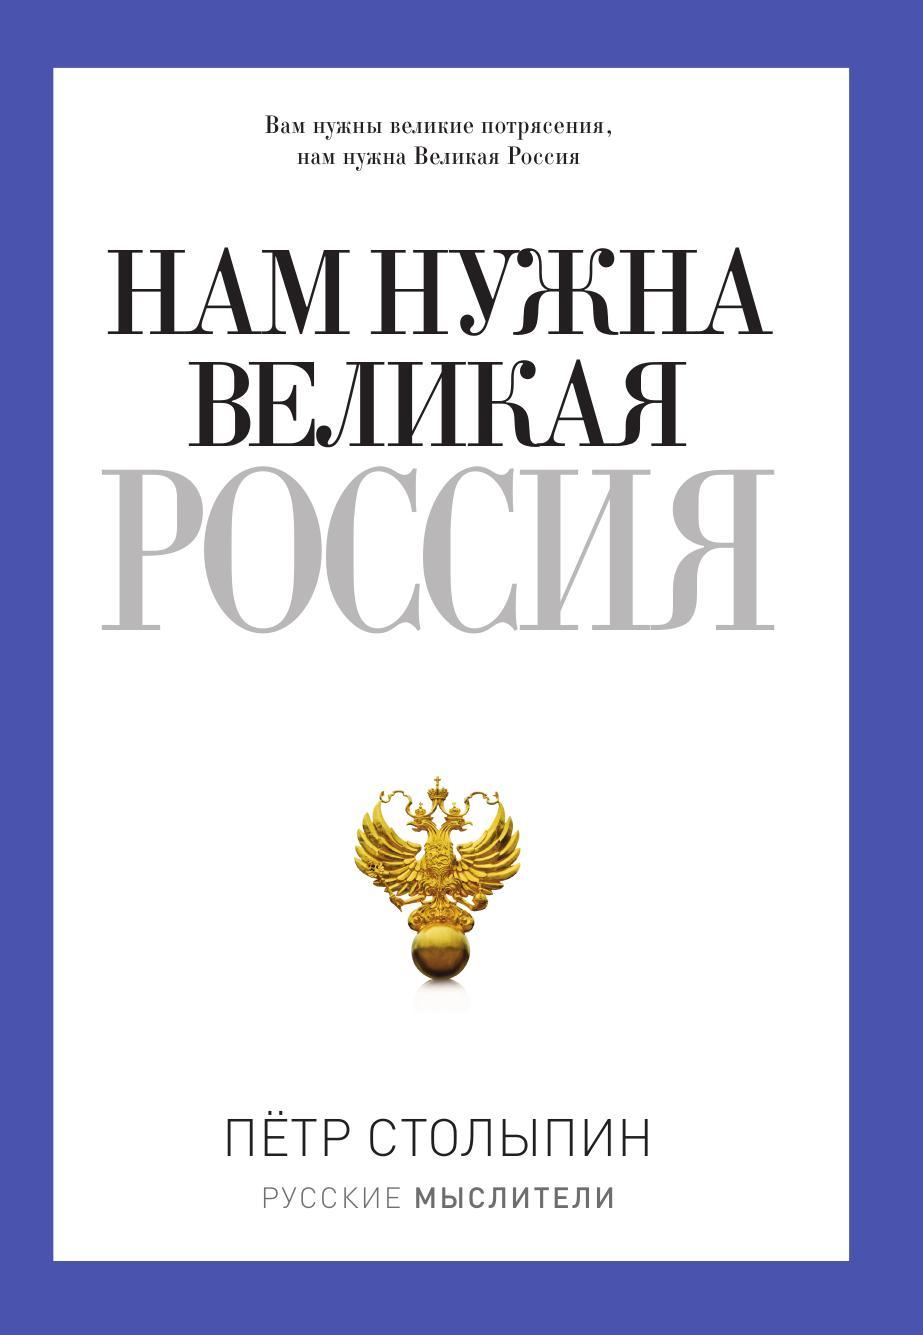 Пётр Столыпин Нам нужна великая Россия столыпин п о россии